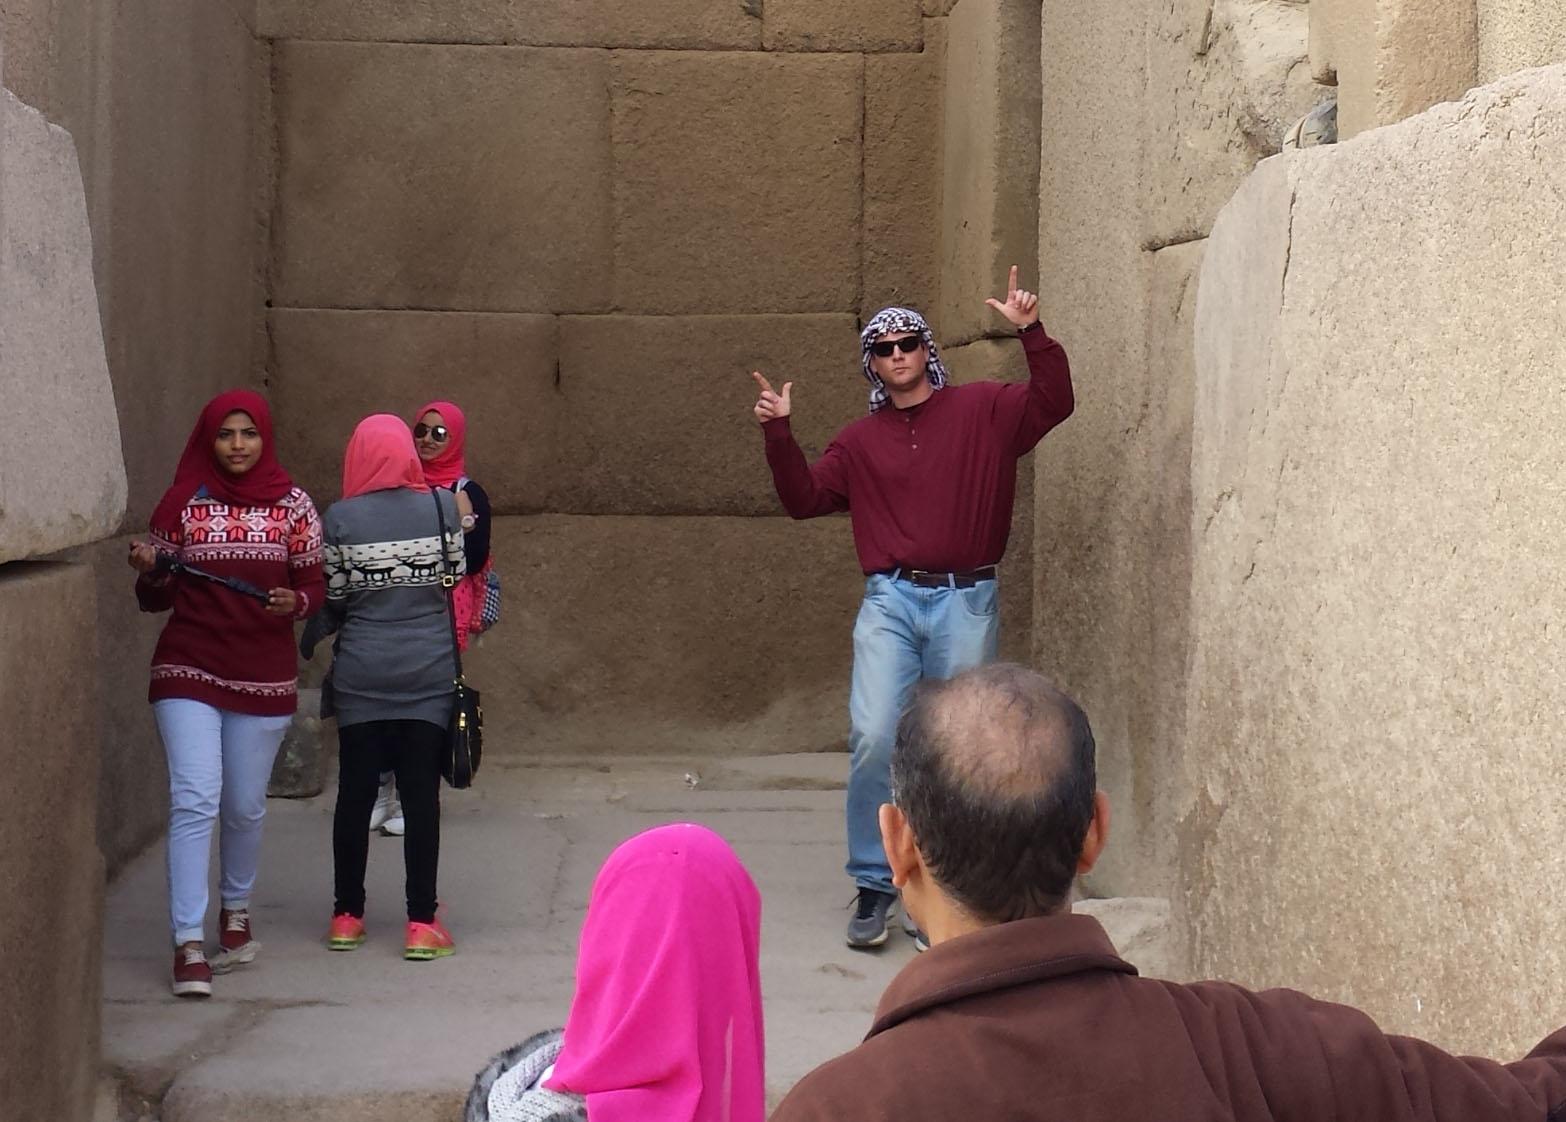 Dan posing in the temple complex near the sphinx.